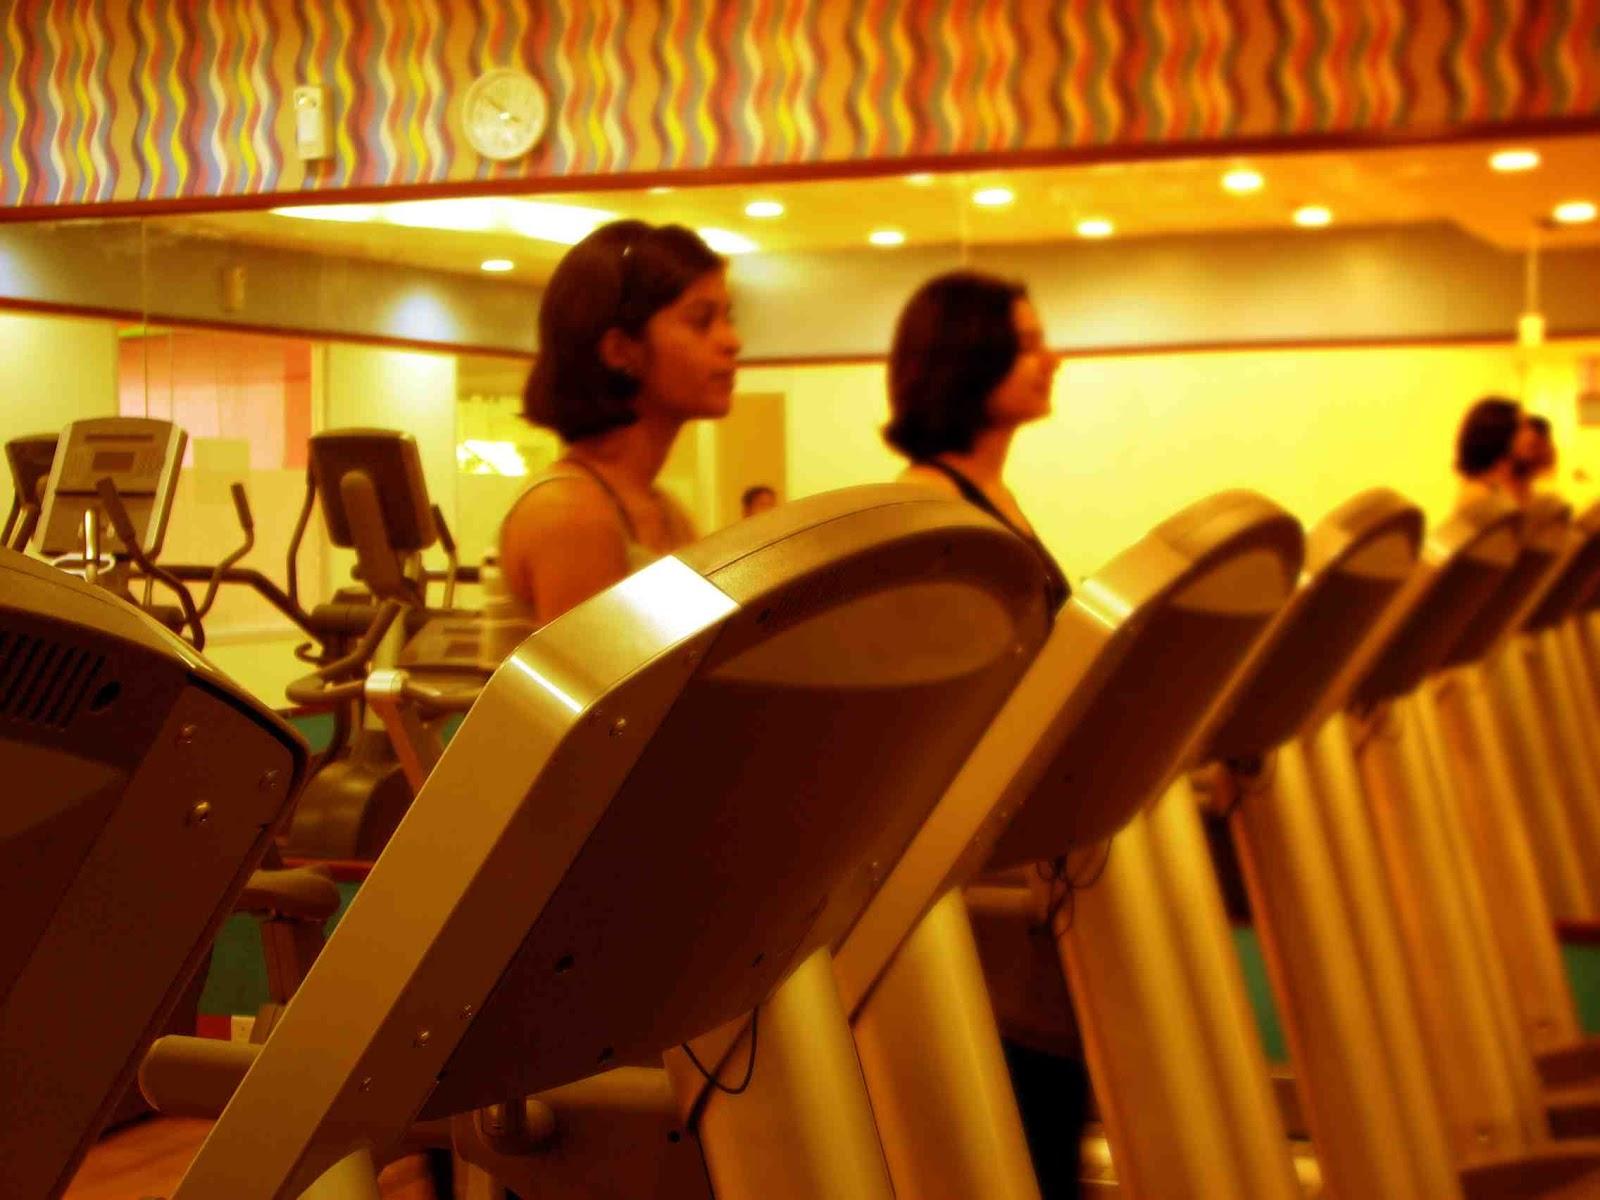 mujeres haciendo deporte en el gimnasio